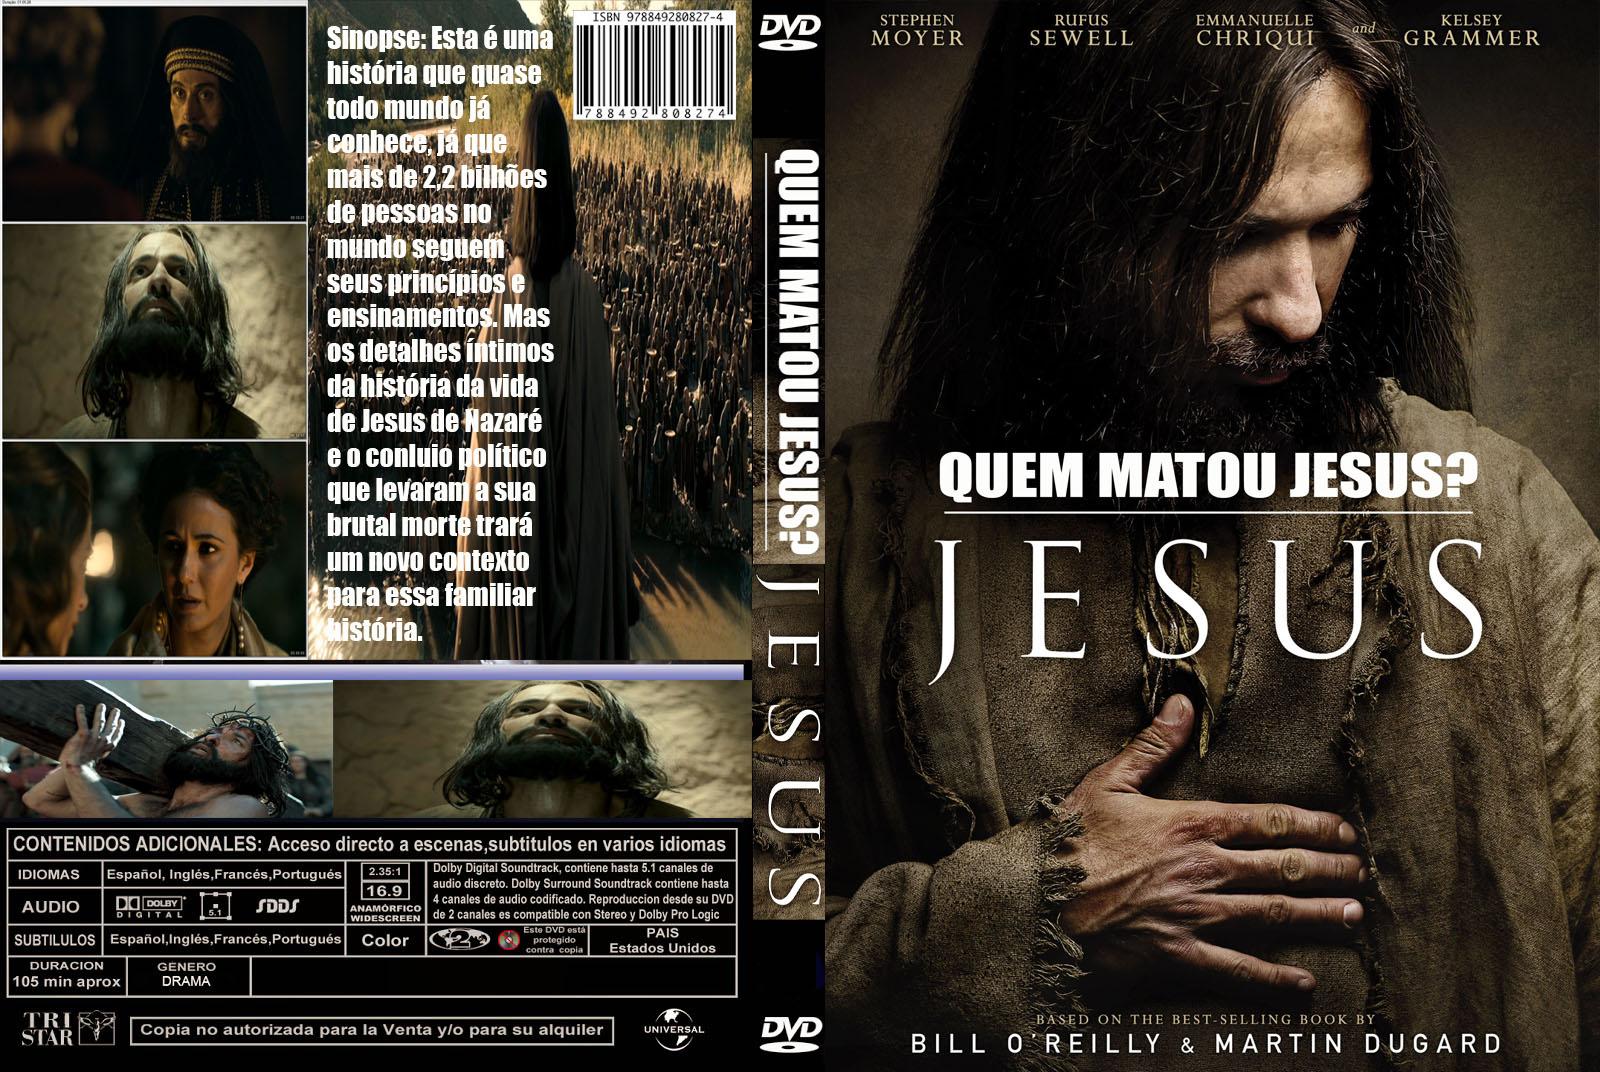 Baixar Quem Matou Jesus WeBDL XviD Dublado QUEM MATOU JESUS